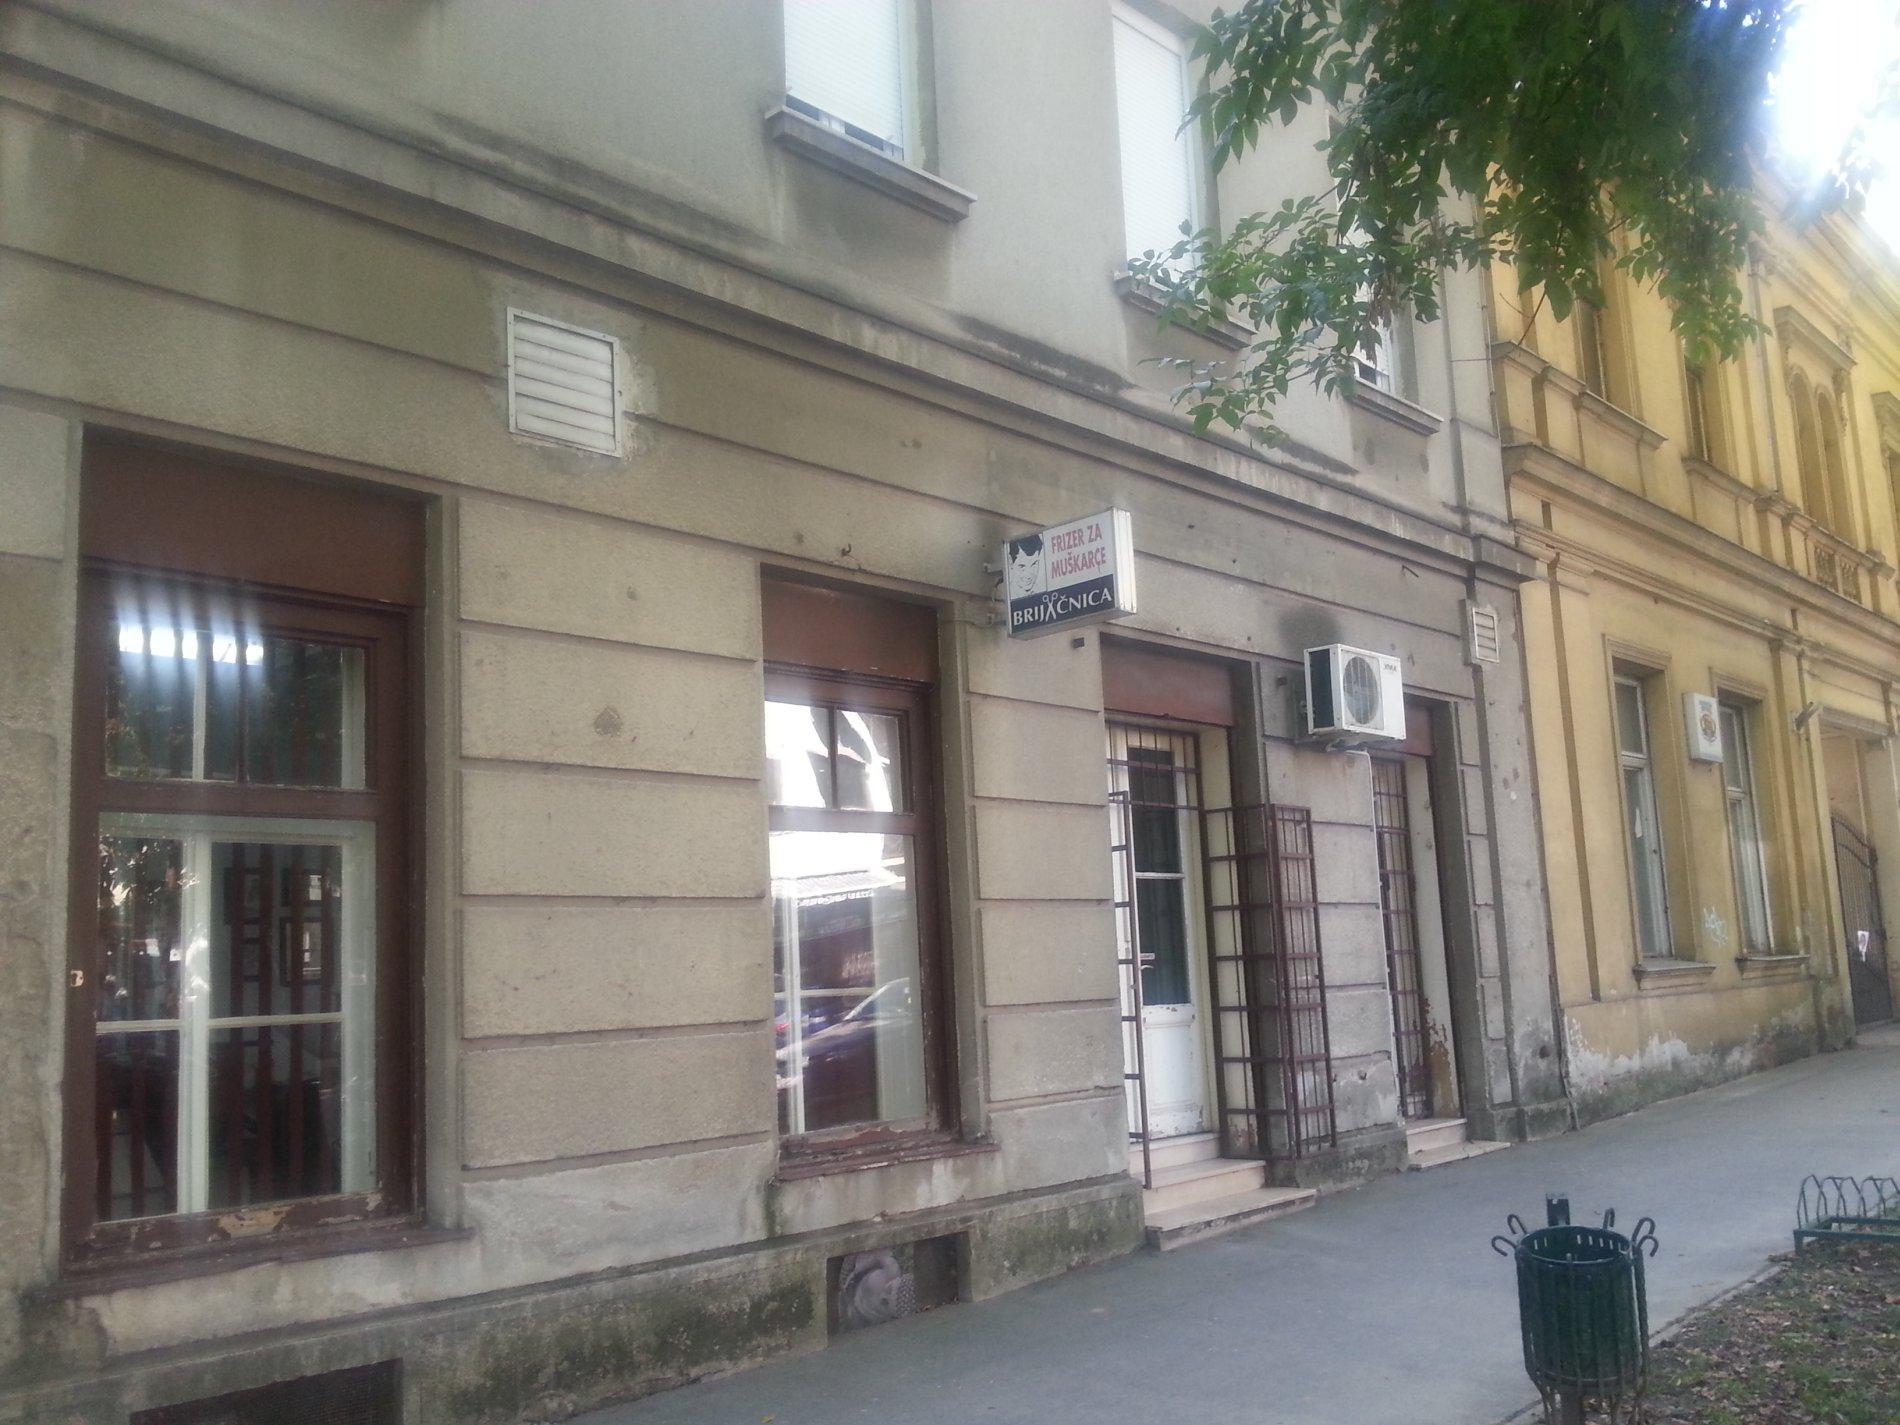 Poslovni prostori Grada Bjelovara - Ulica Matice hrvatske 5